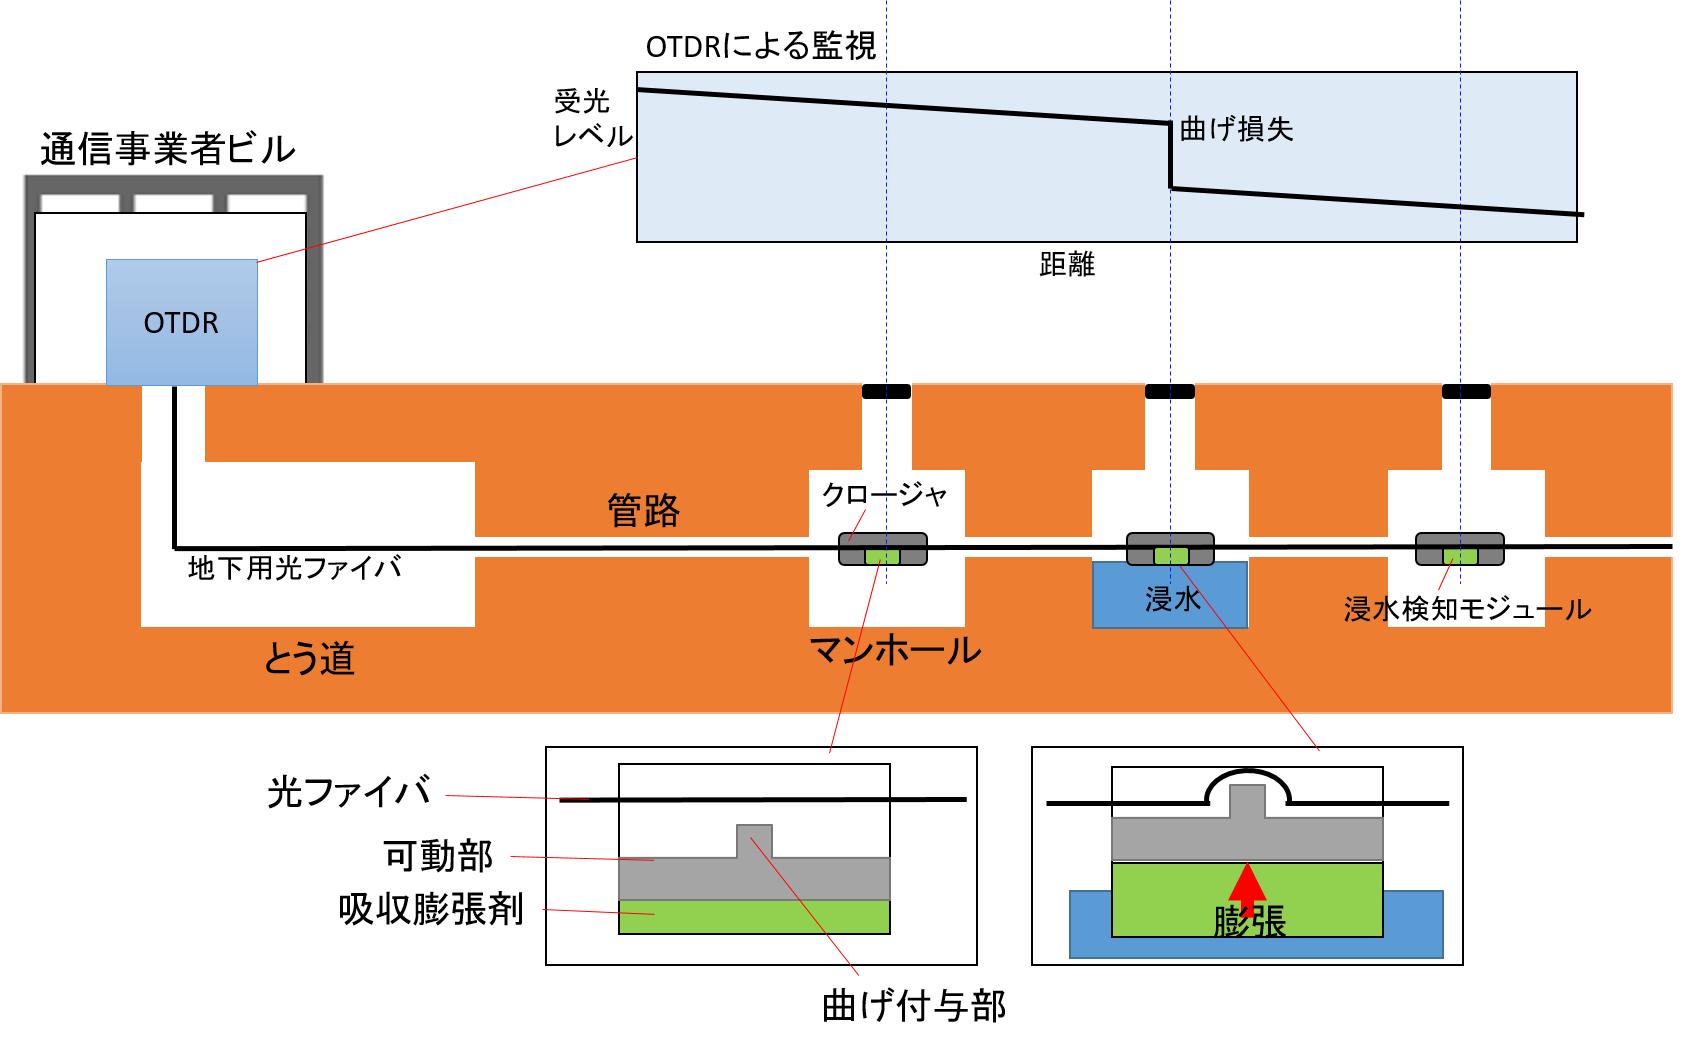 sinsui_module.png